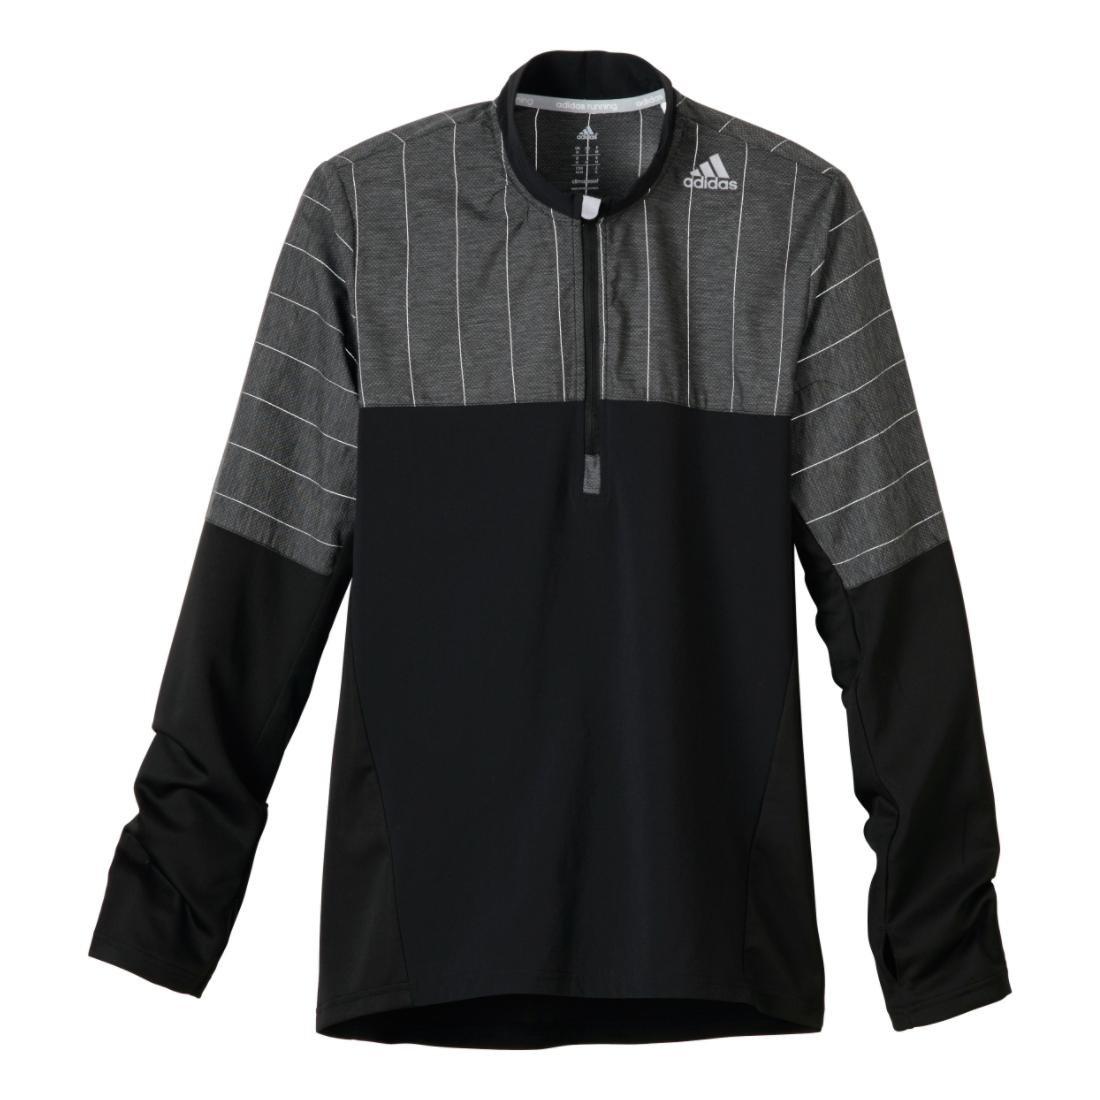 adidas Supernova Storm Running Jacket Men Black, Dark Grey